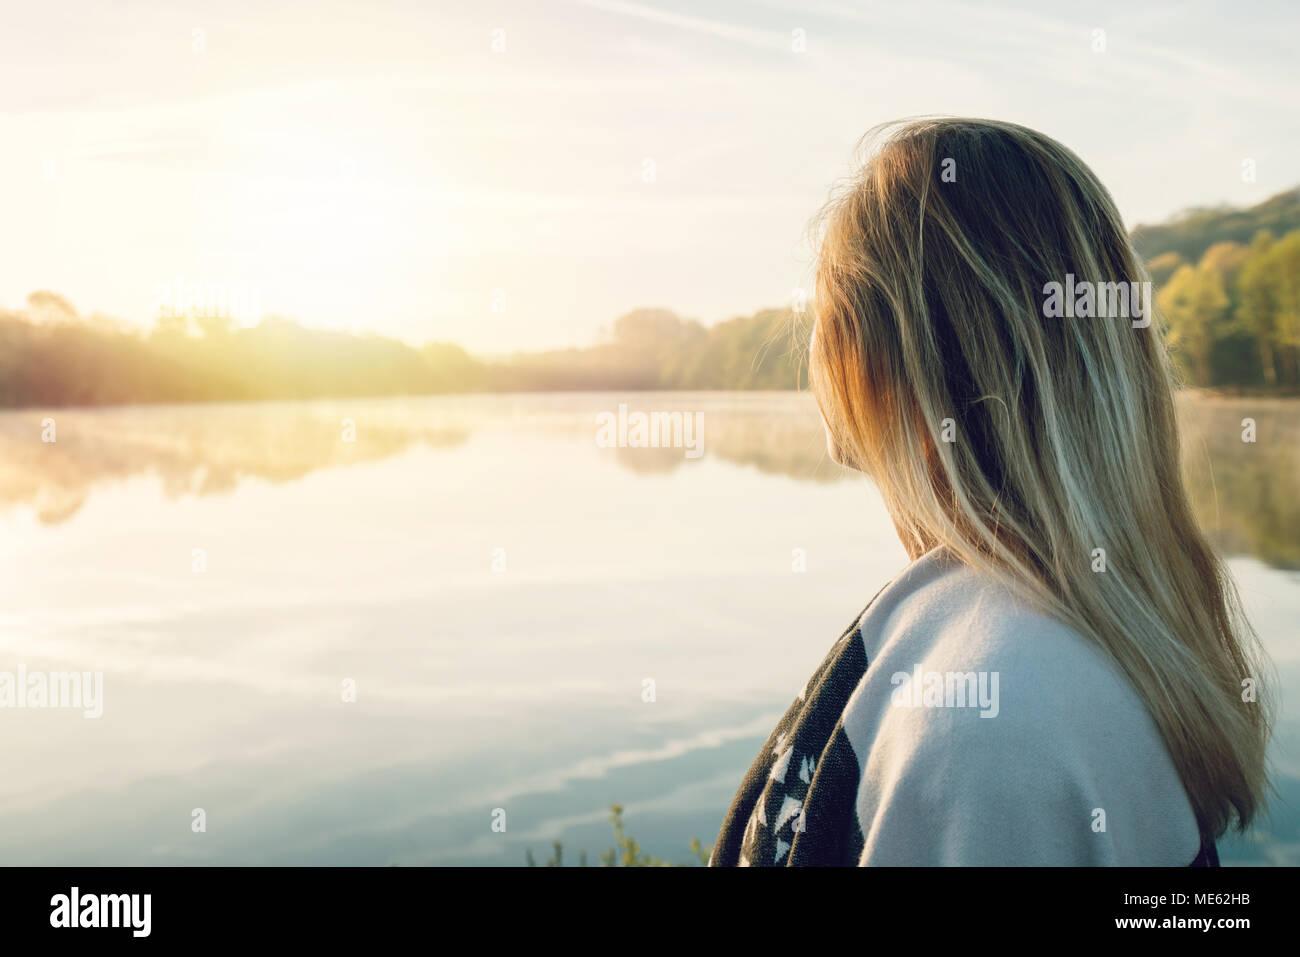 Junge Frau Art der Betrachtung durch den See bei Sonnenaufgang, Frühling, Frankreich, Europa. Menschen reisen, Entspannung in der Natur. Töne Bild Stockbild